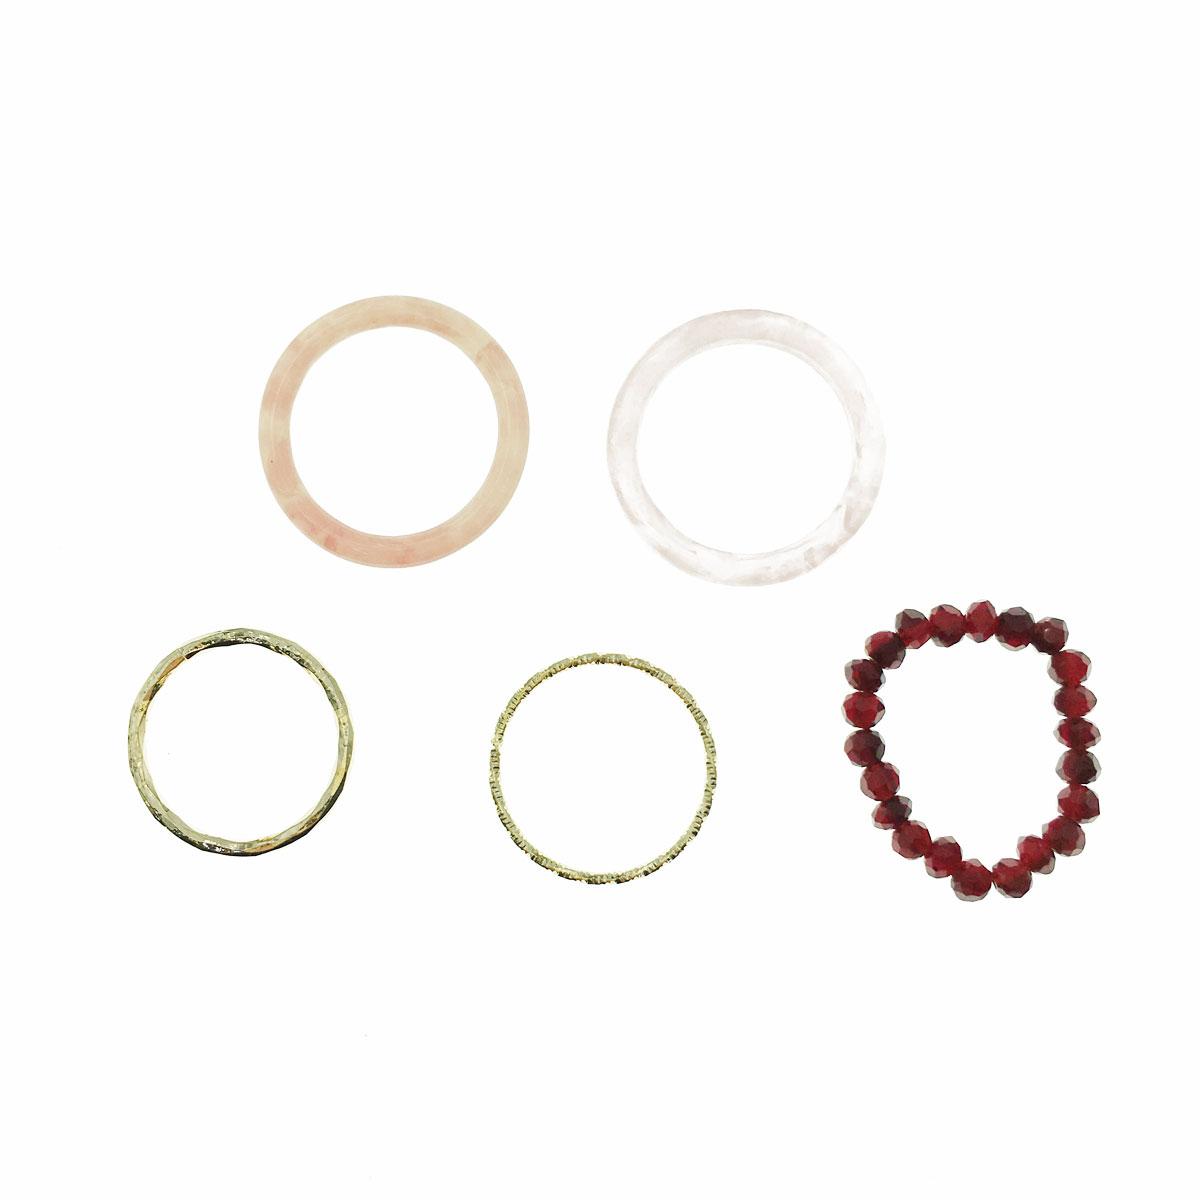 韓國 串珠 理石 金屬 不可調 五入一組 多入戒指 戒指